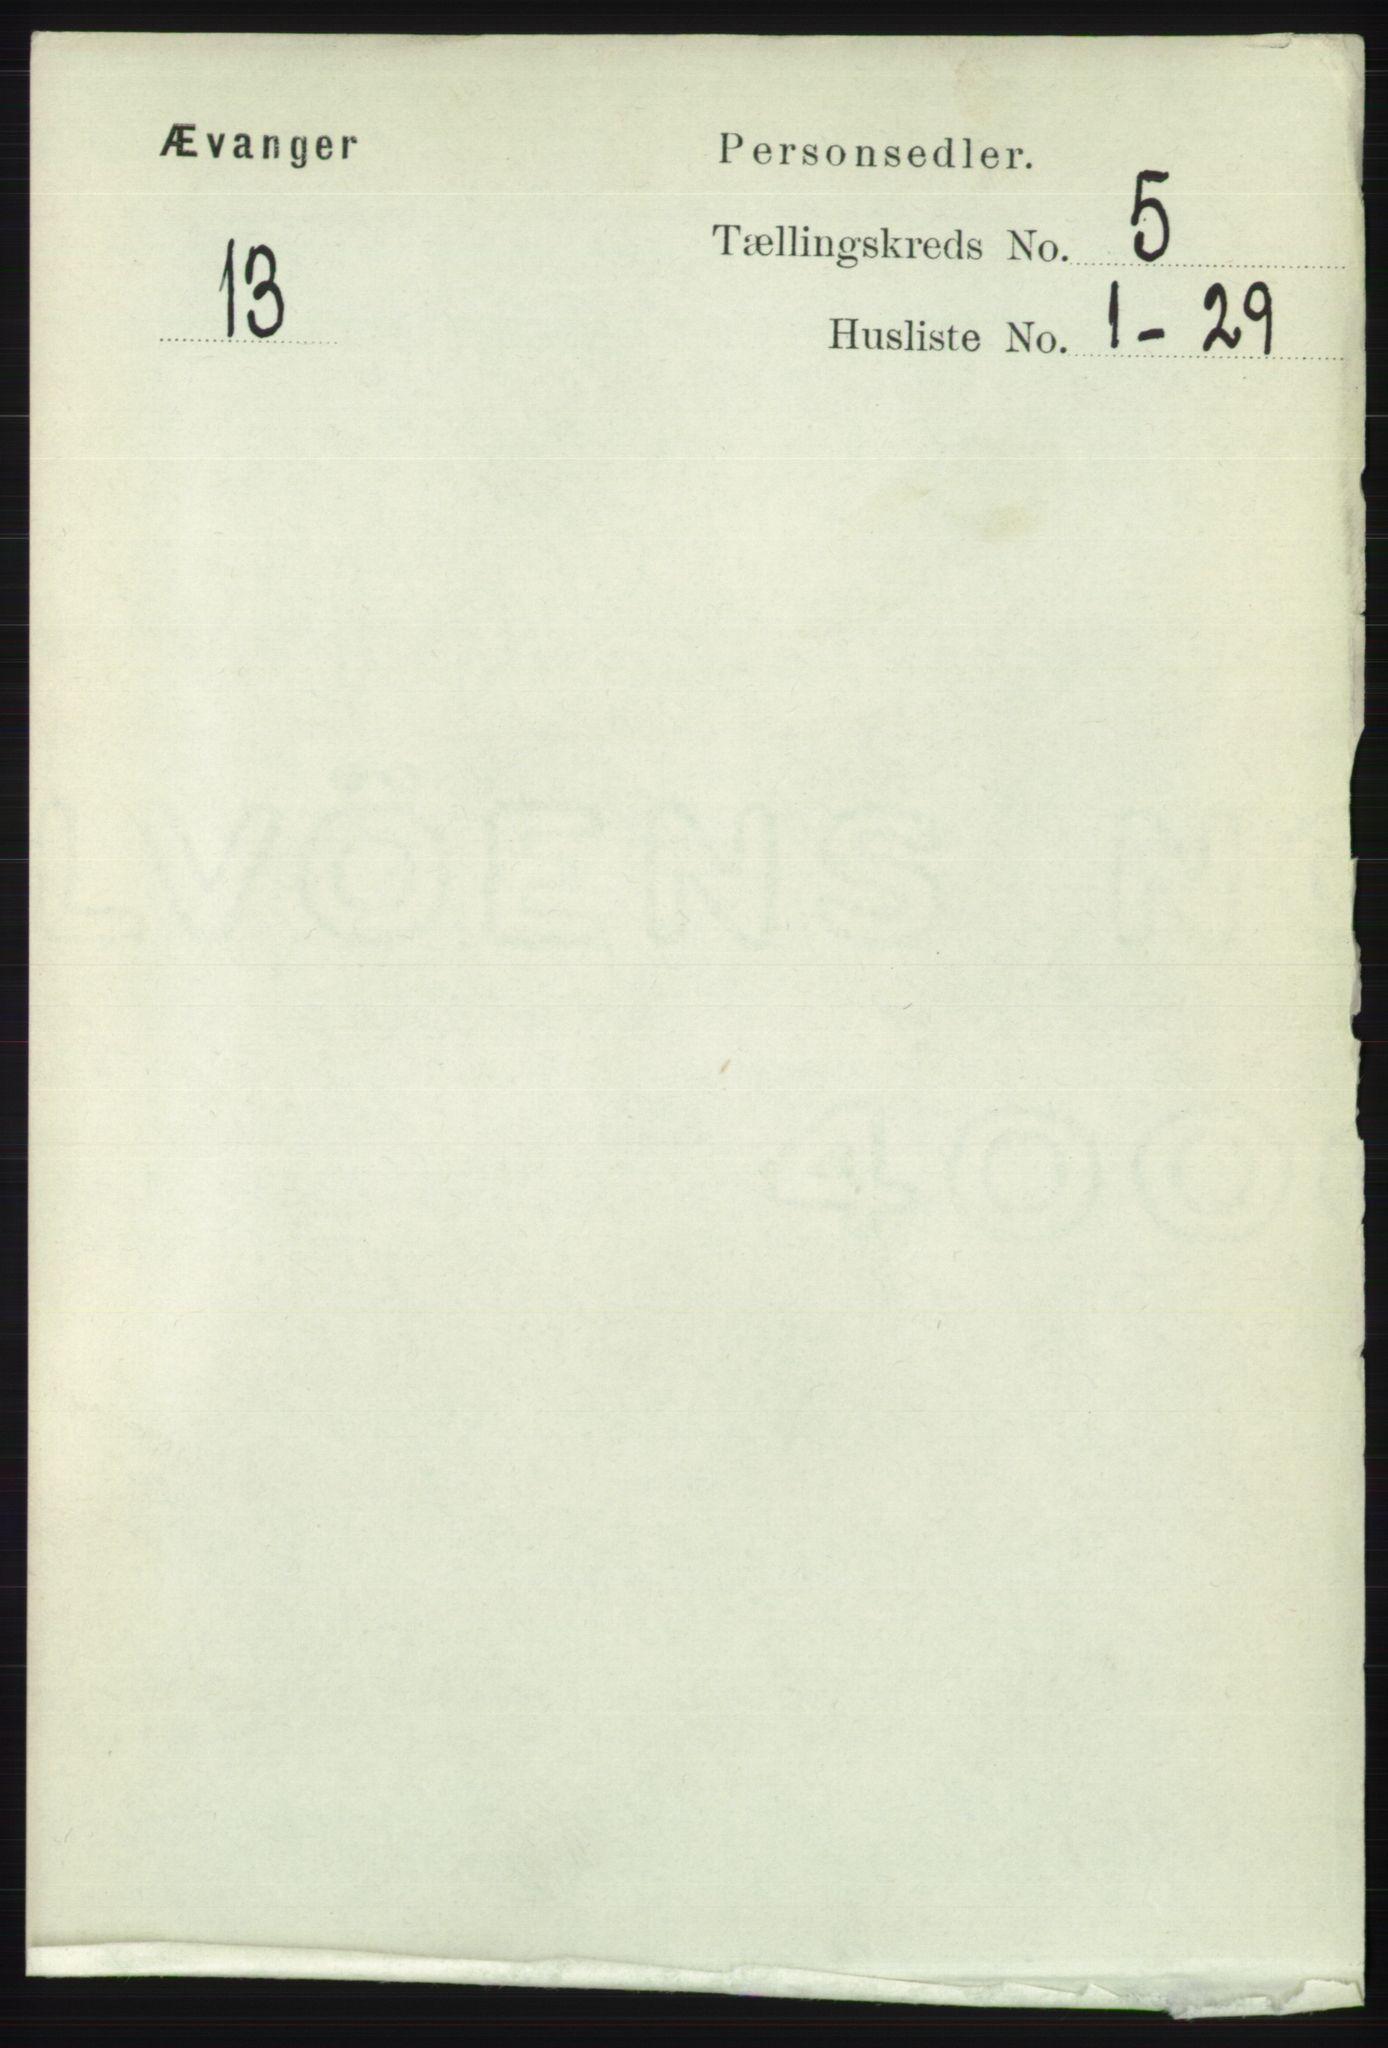 RA, Folketelling 1891 for 1237 Evanger herred, 1891, s. 1388